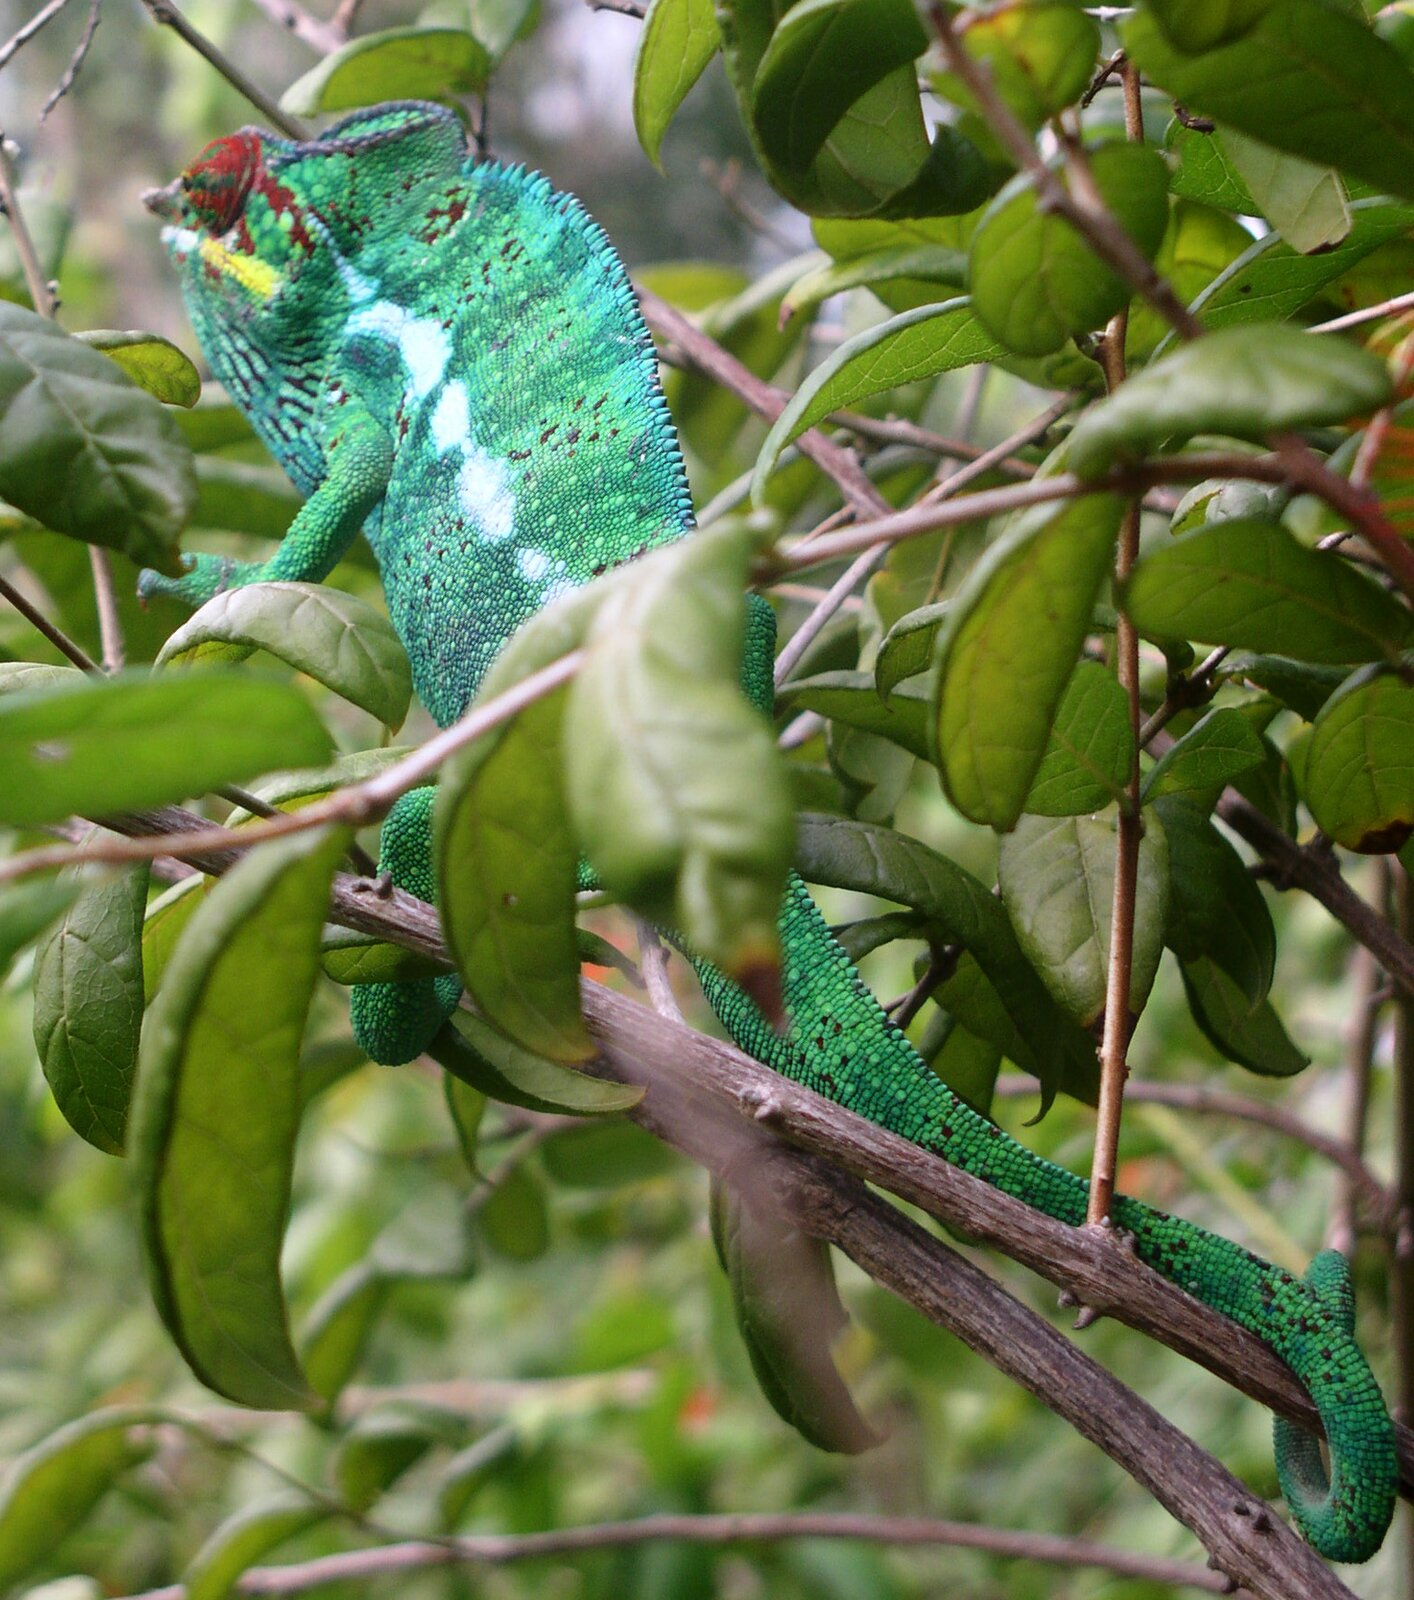 Kameleon Kameleon Źródło: Justyna Bajda, fotografia barwna, domena publiczna.